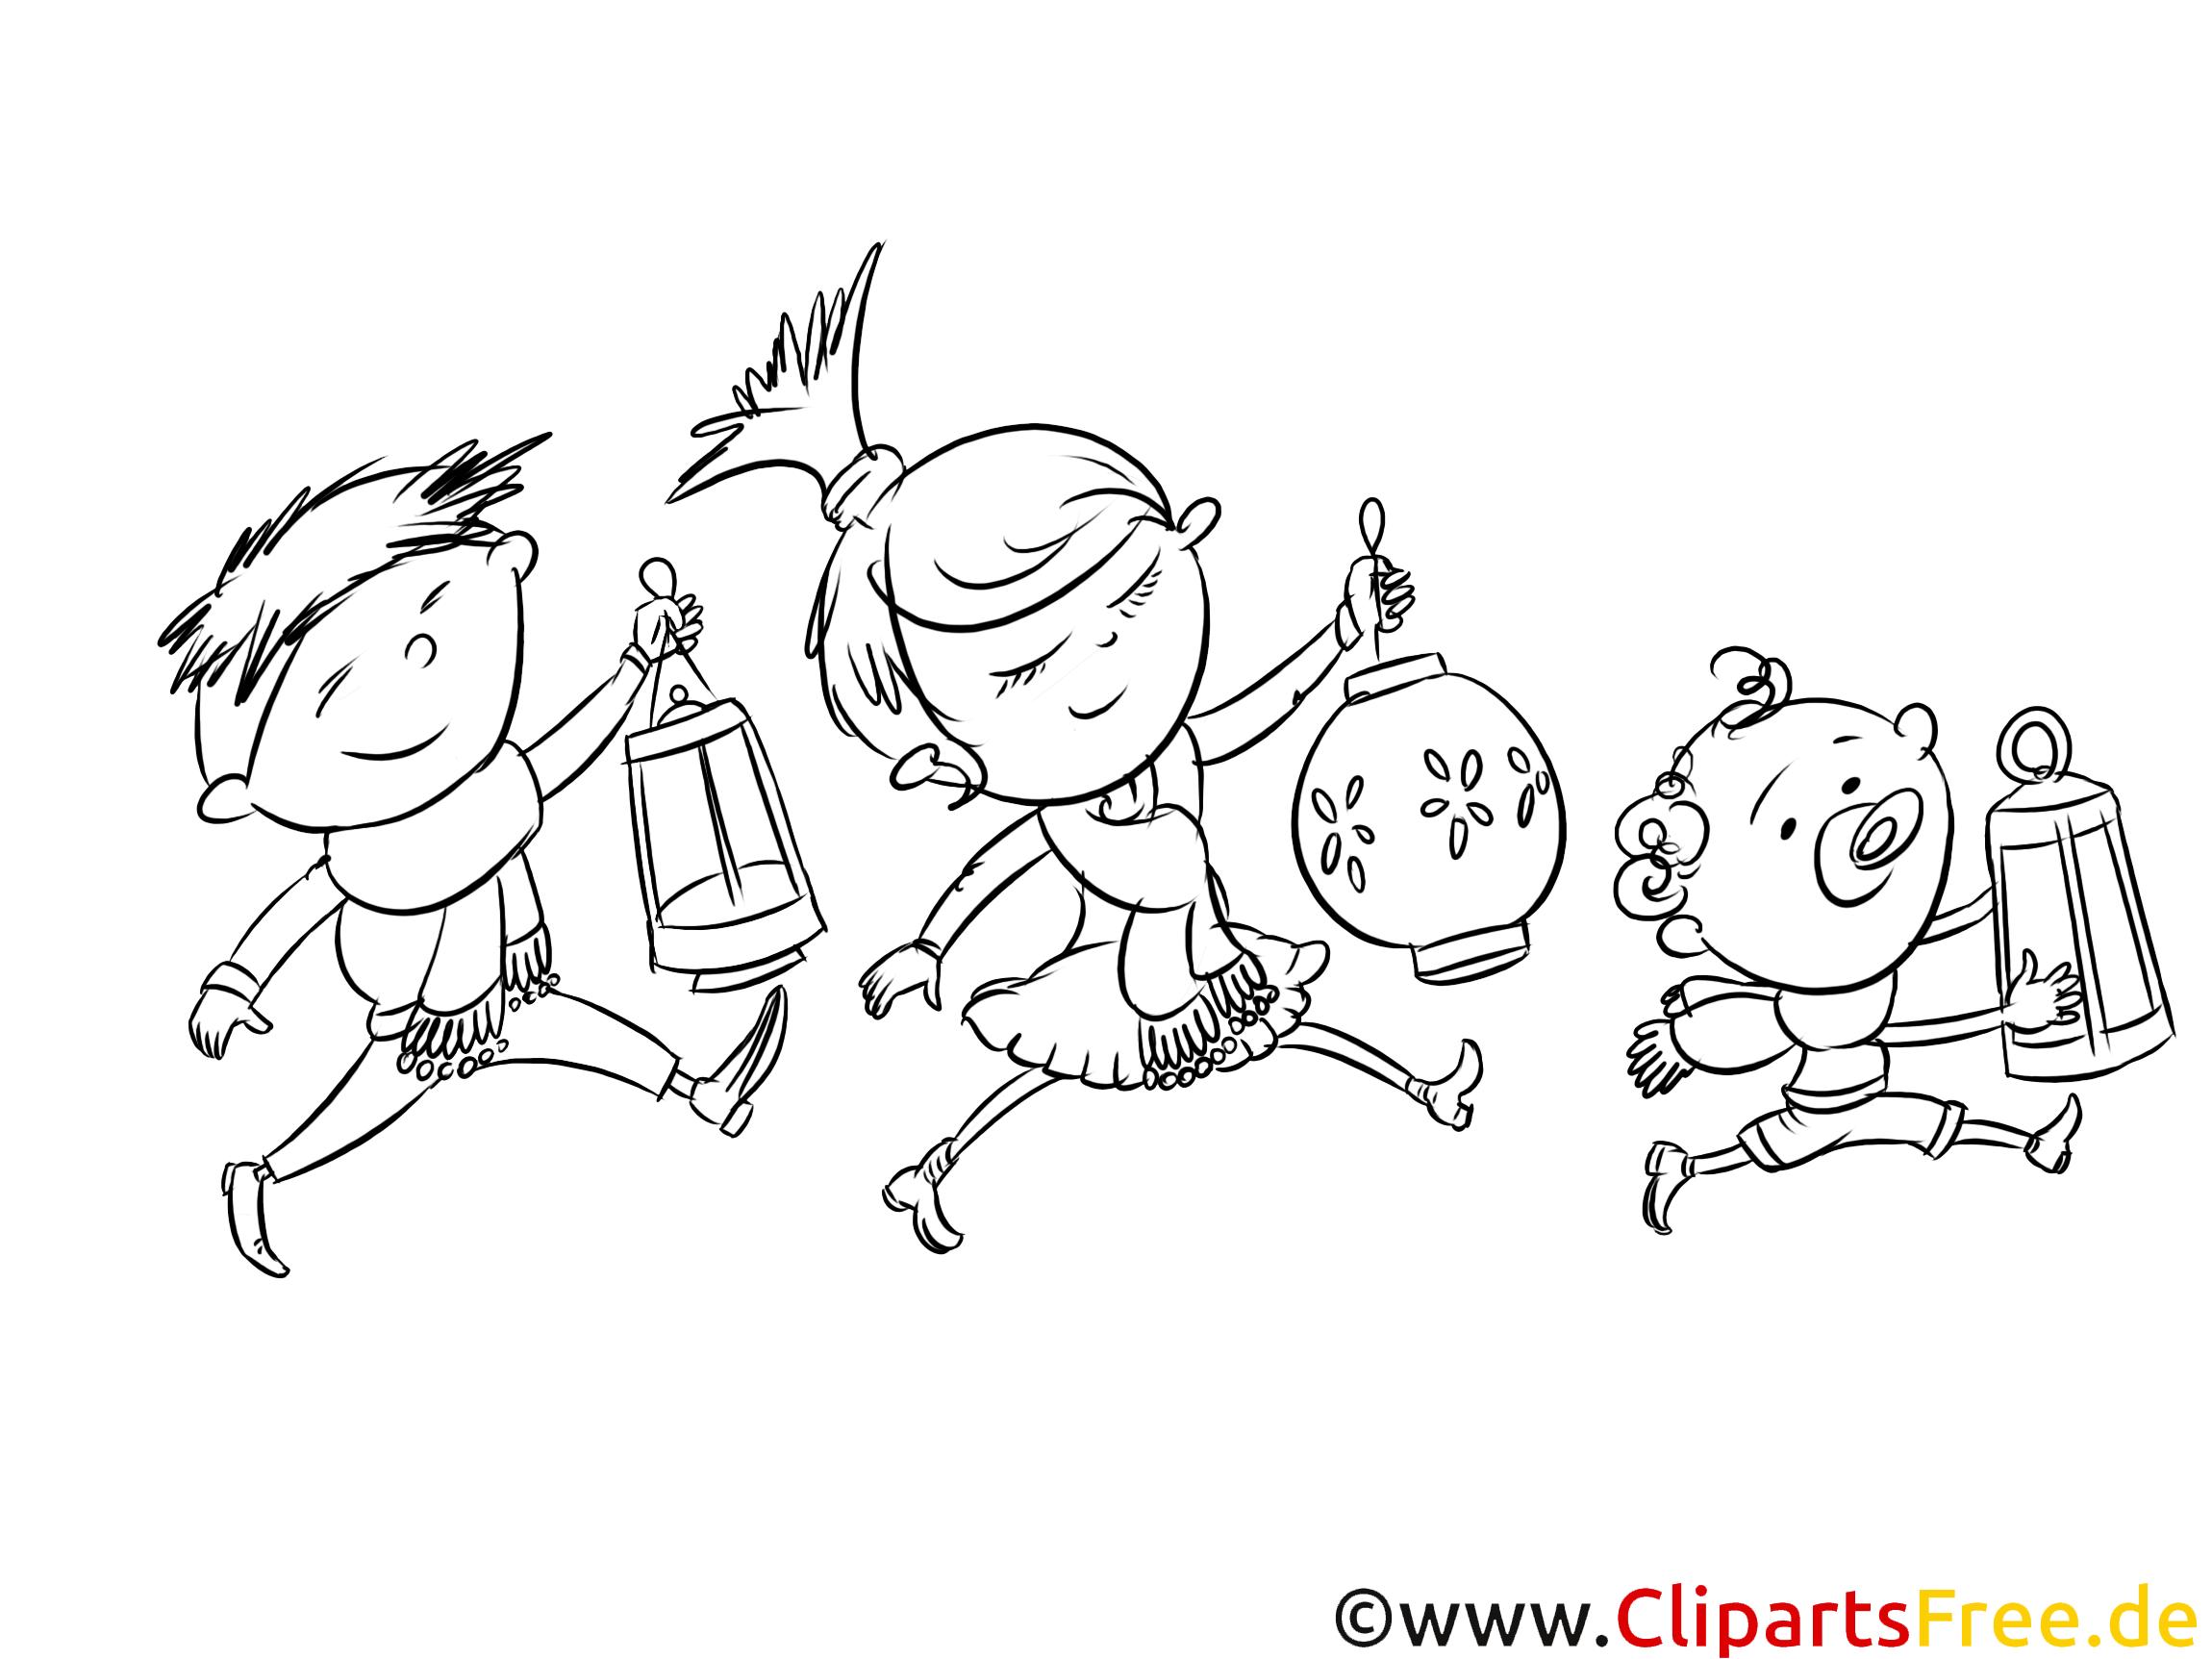 kinder kindergarten ausmalbild zum runterladen und drucken